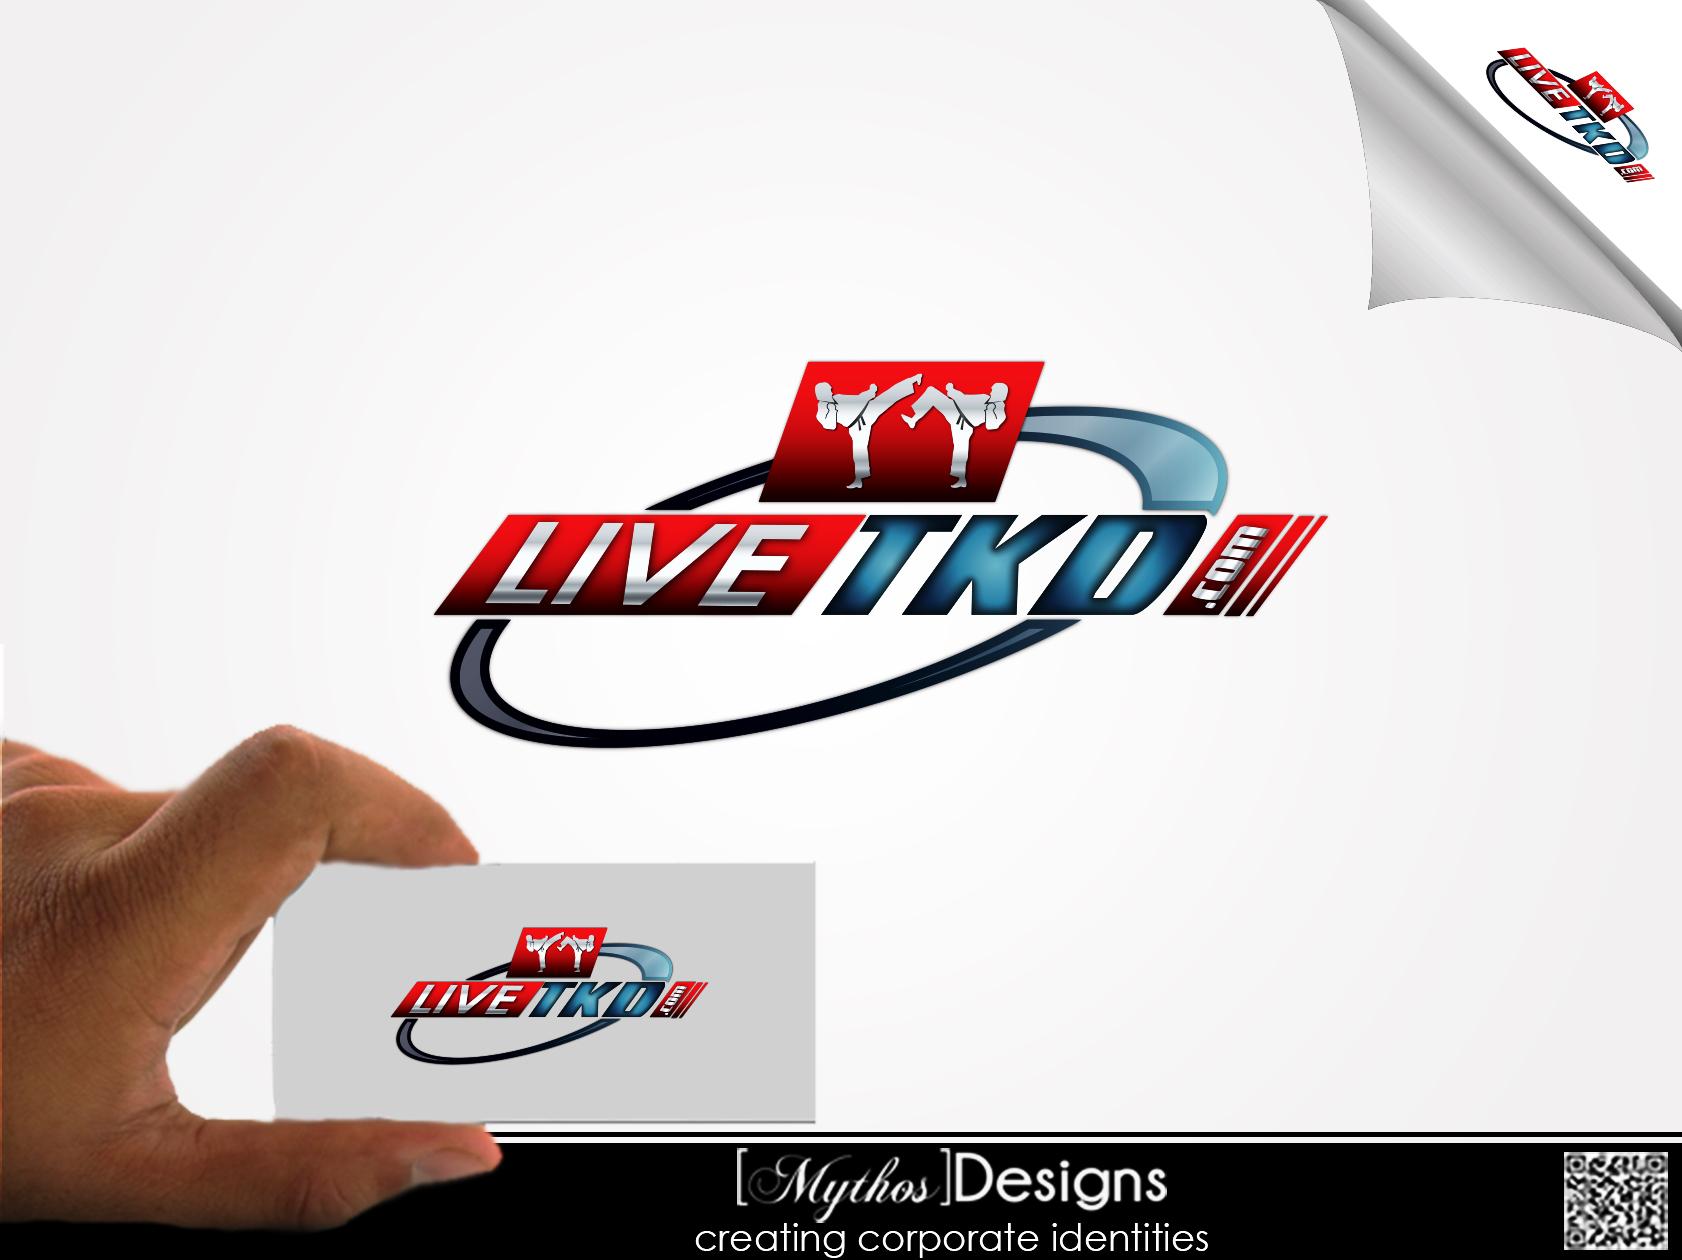 Logo Design by Mythos Designs - Entry No. 204 in the Logo Design Contest New Logo Design for LiveTKD.com.